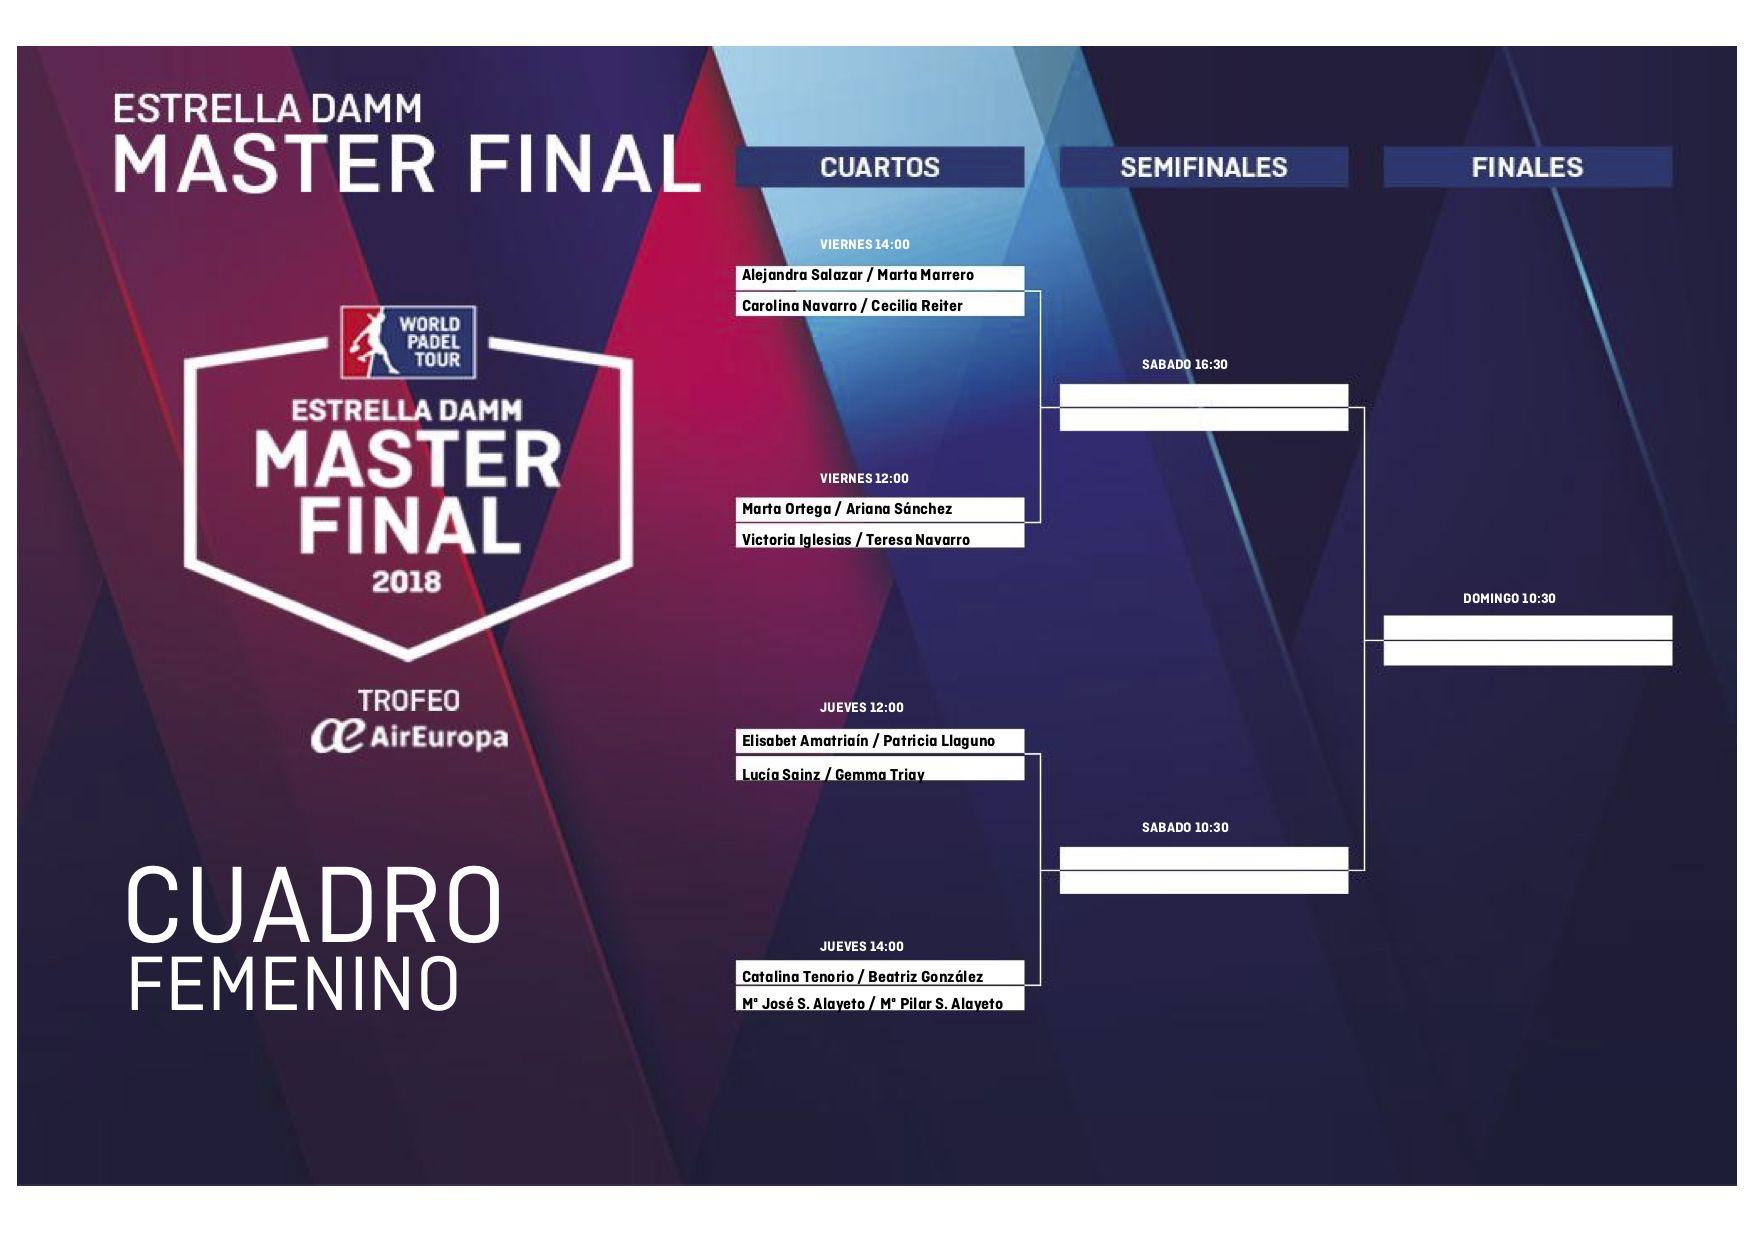 El cuadro femenino del Master Final.